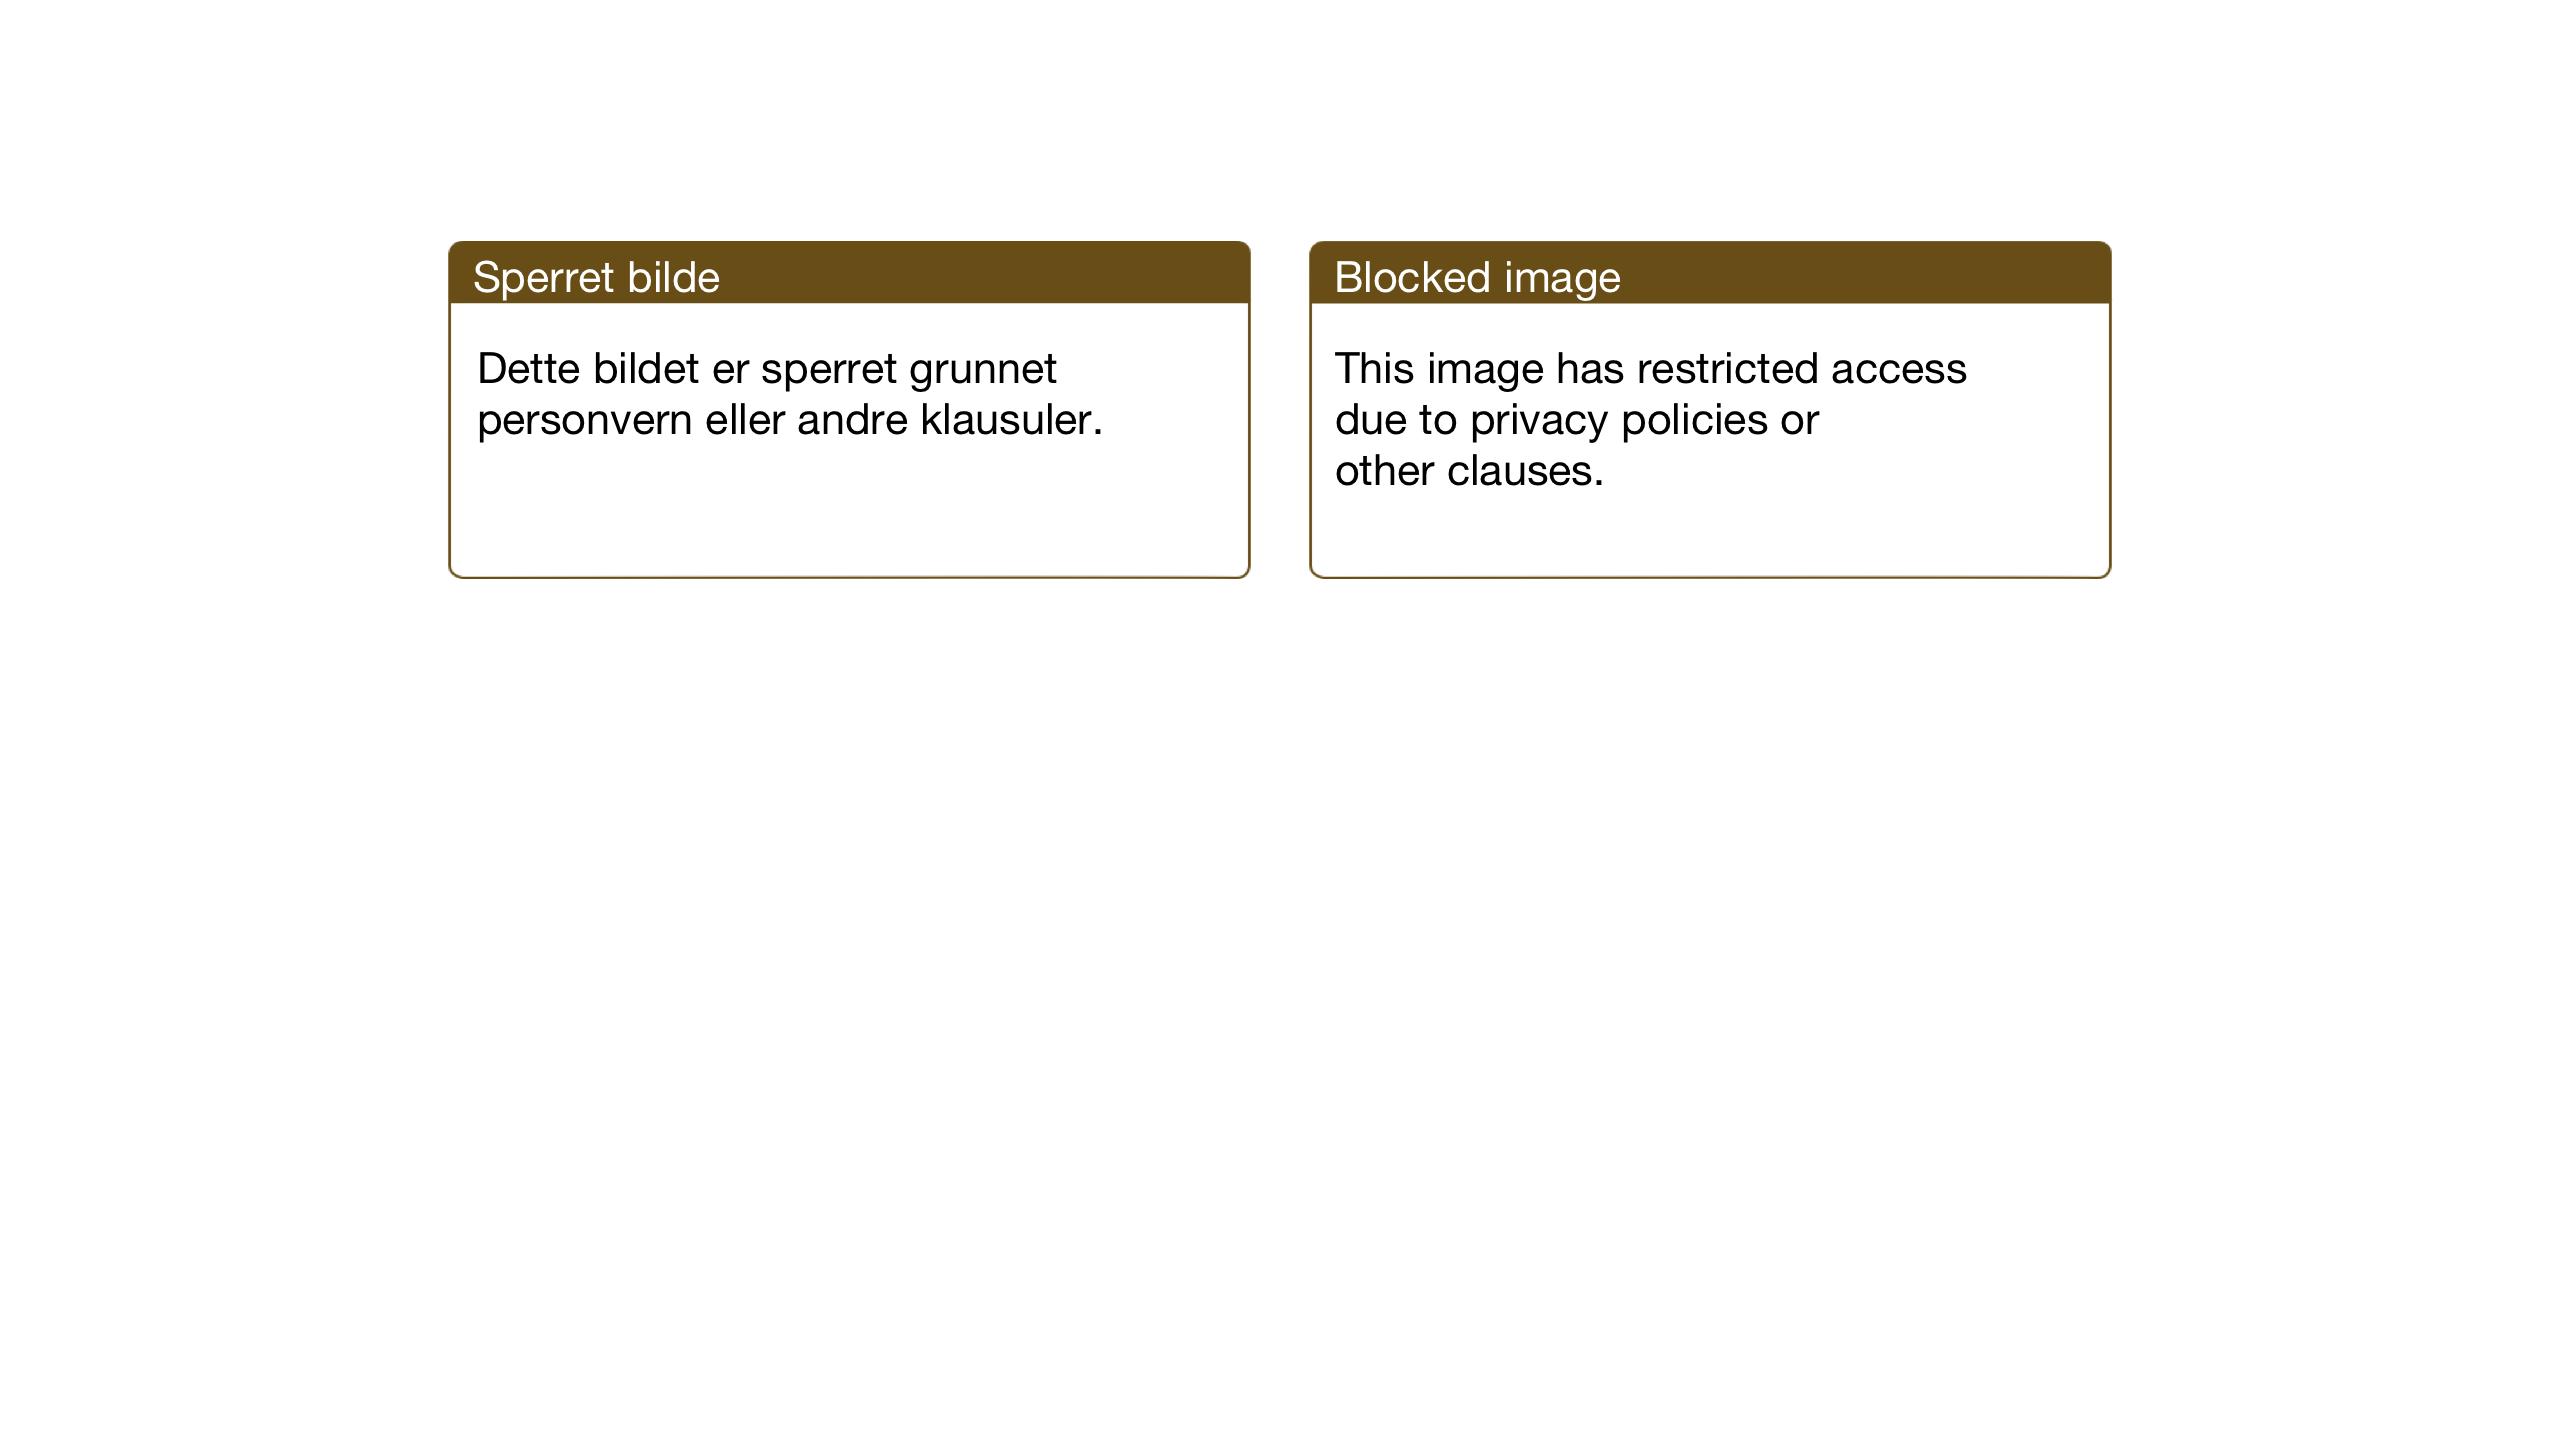 SAT, Ministerialprotokoller, klokkerbøker og fødselsregistre - Sør-Trøndelag, 640/L0590: Klokkerbok nr. 640C07, 1935-1948, s. 132